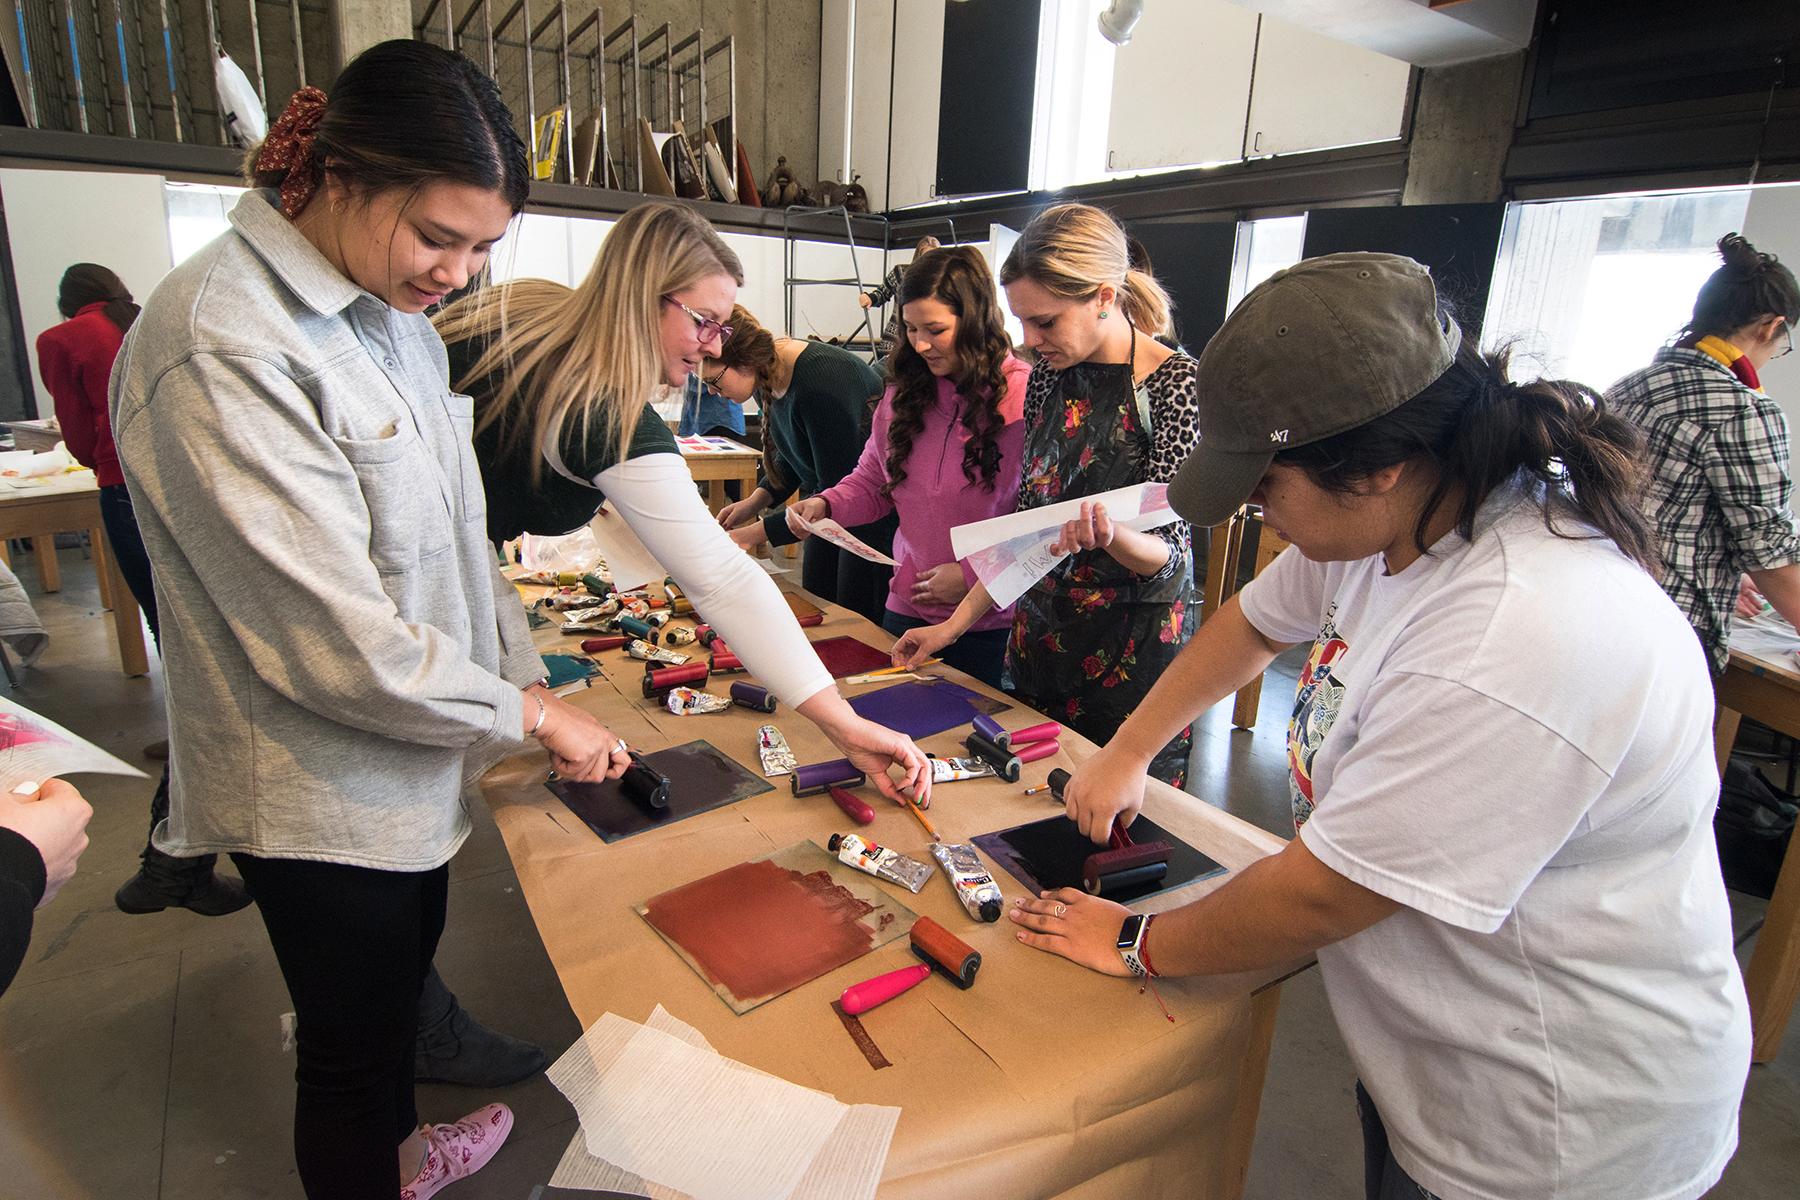 Printmaking Workshop in Art Teaching, 2019